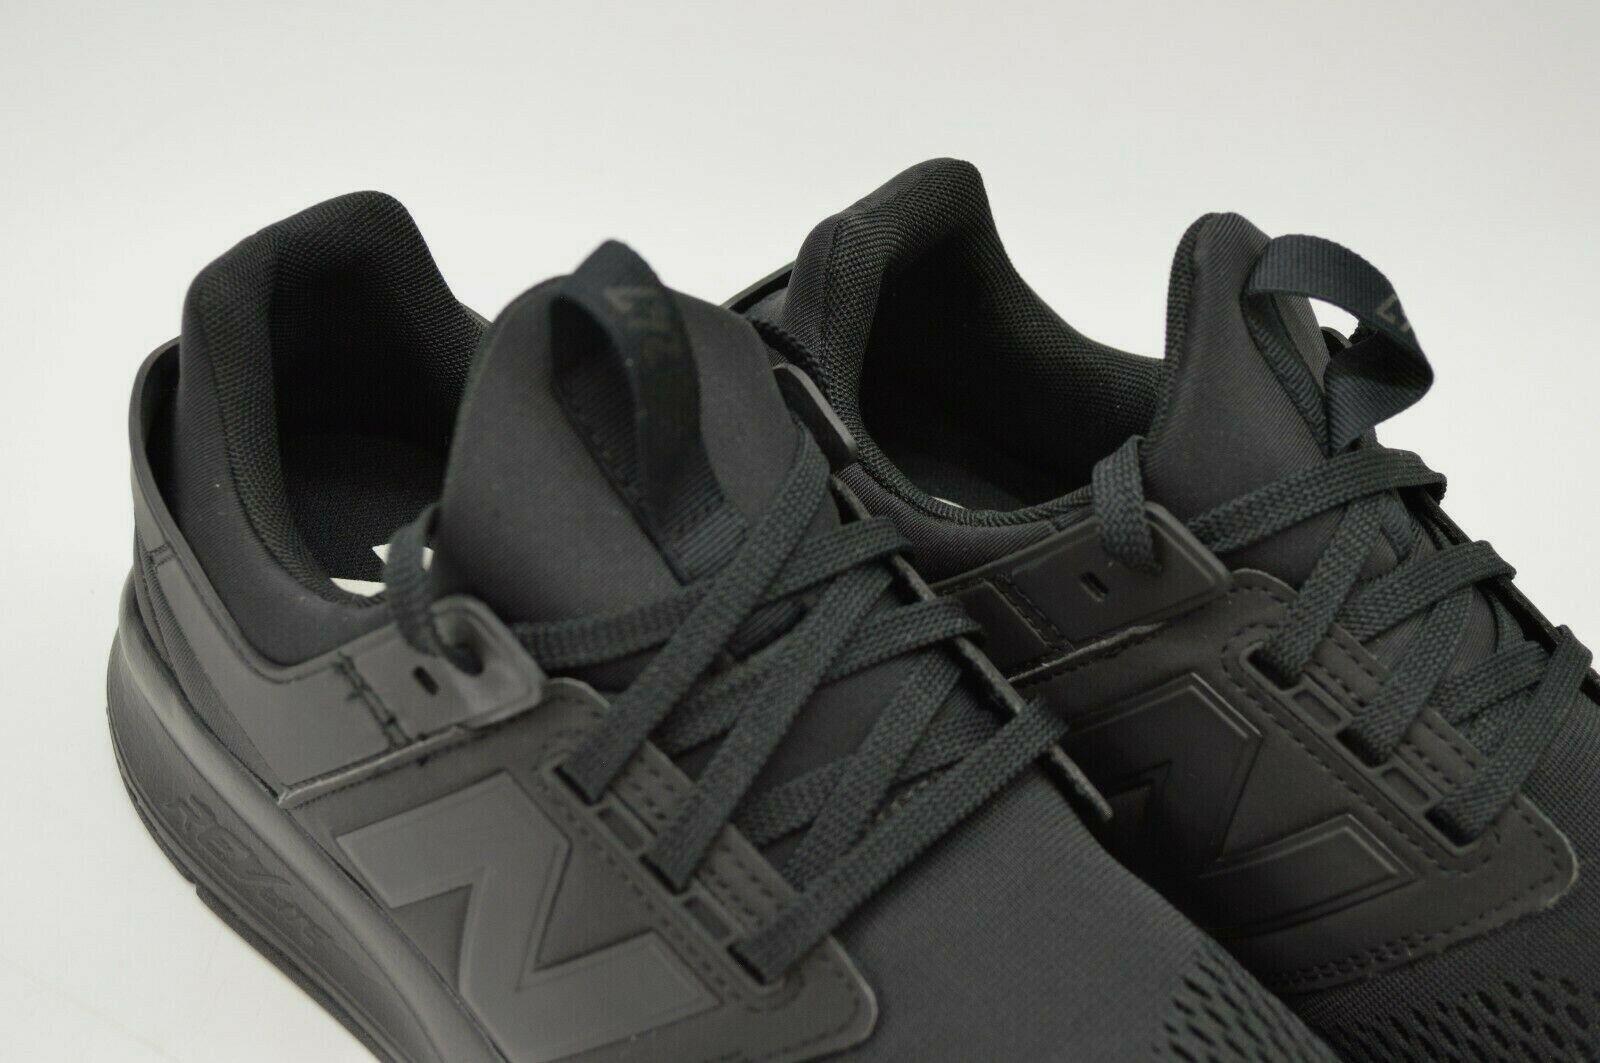 nouveau   Hommes 247 Mode de Vie Classique Noir Chaussures Athlétisme US 12 Ue